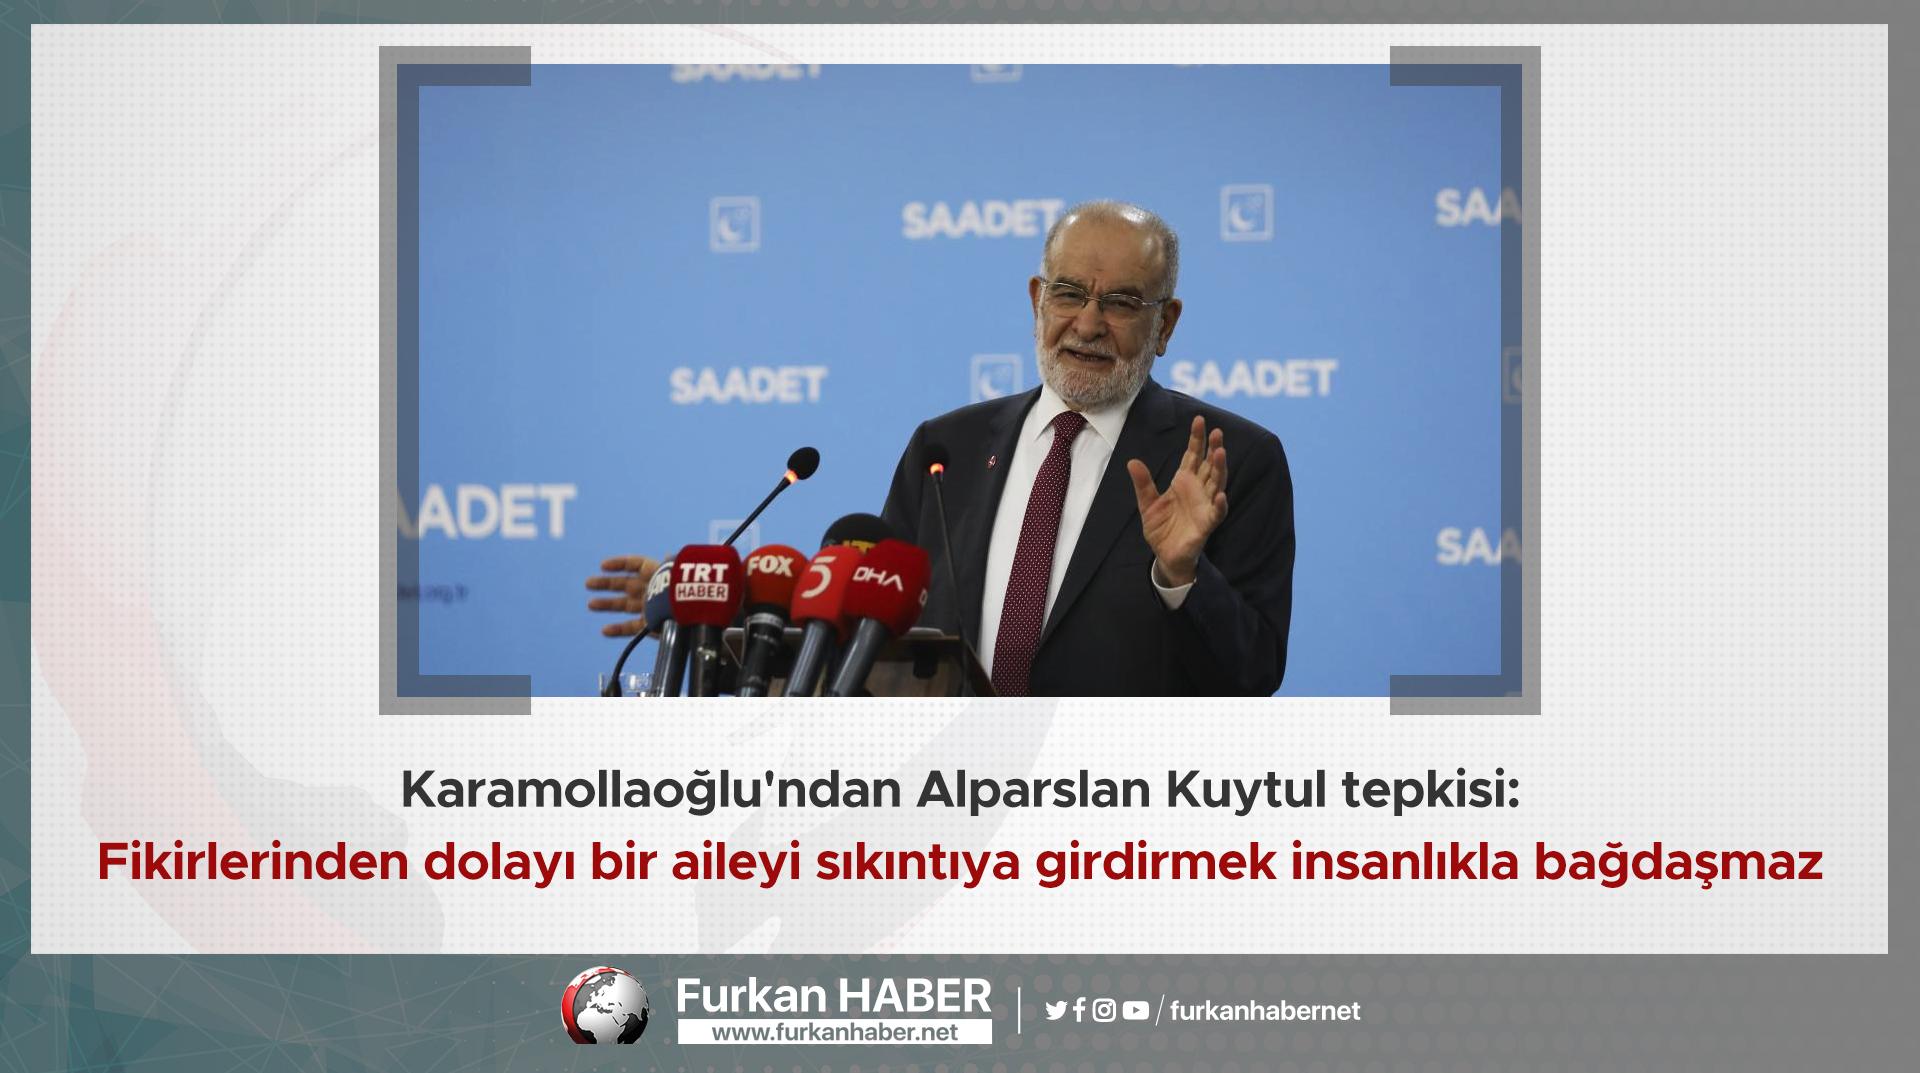 Karamollaoğlu'ndan Alparslan Kuytul tepkisi: Fikirlerinden dolayı bir aileyi sıkıntıya girdirmek insanlıkla bağdaşmaz